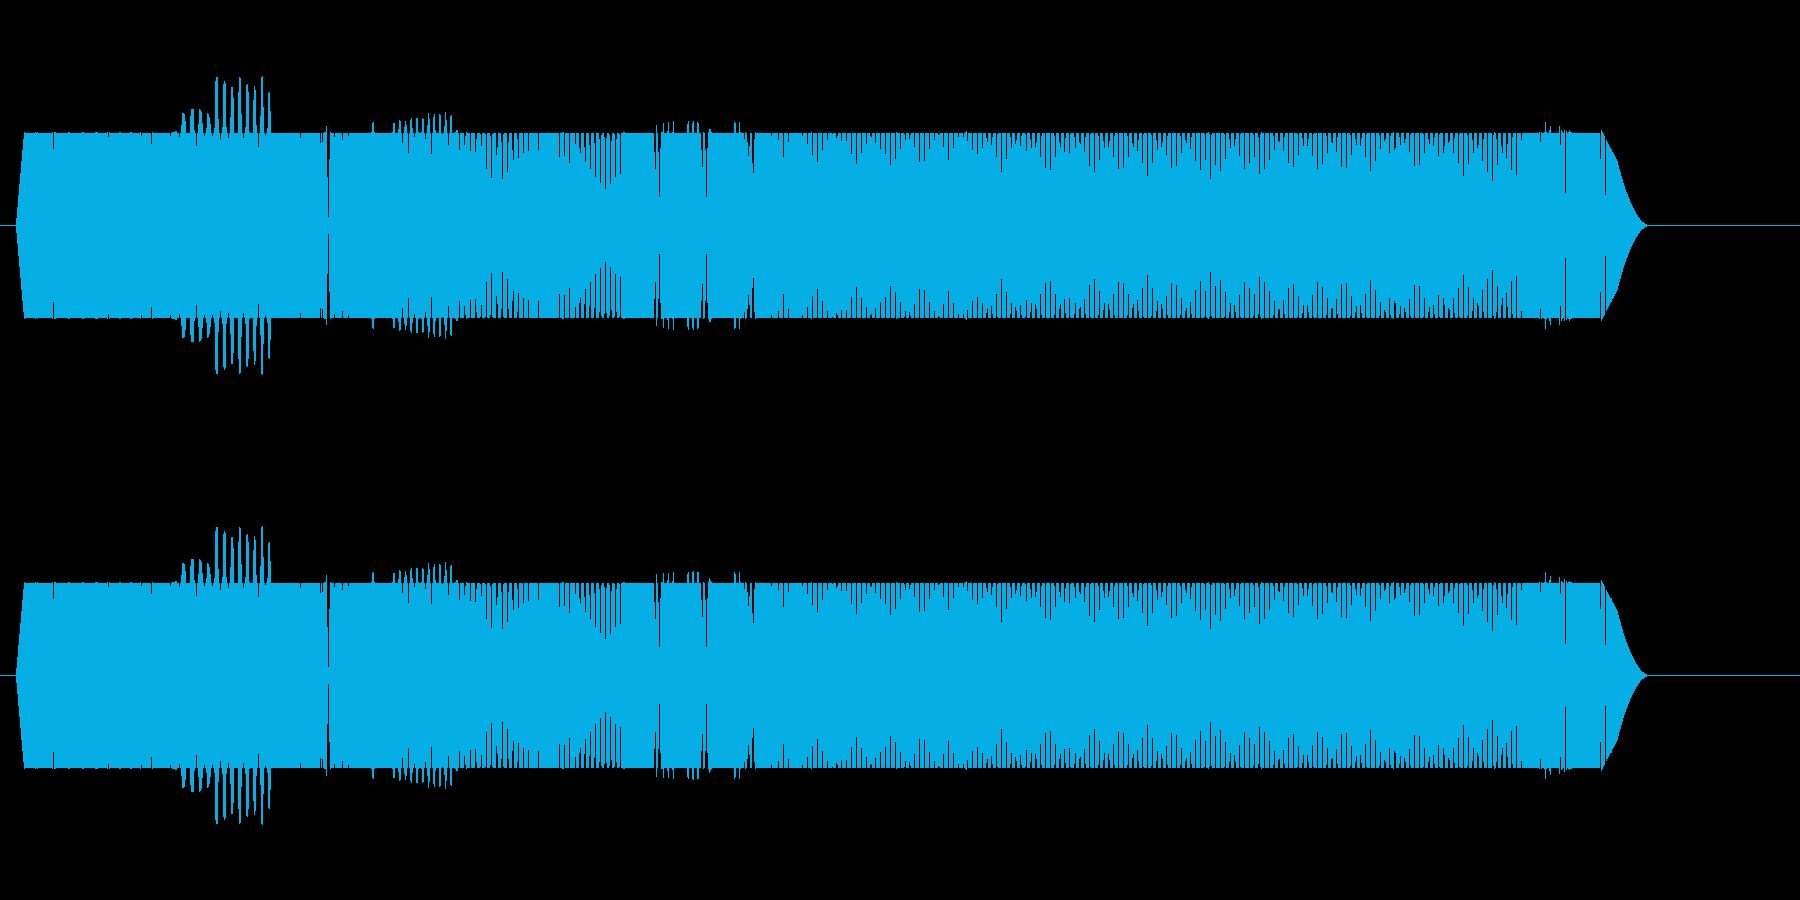 ウィーーン、と低く響く電子音の再生済みの波形